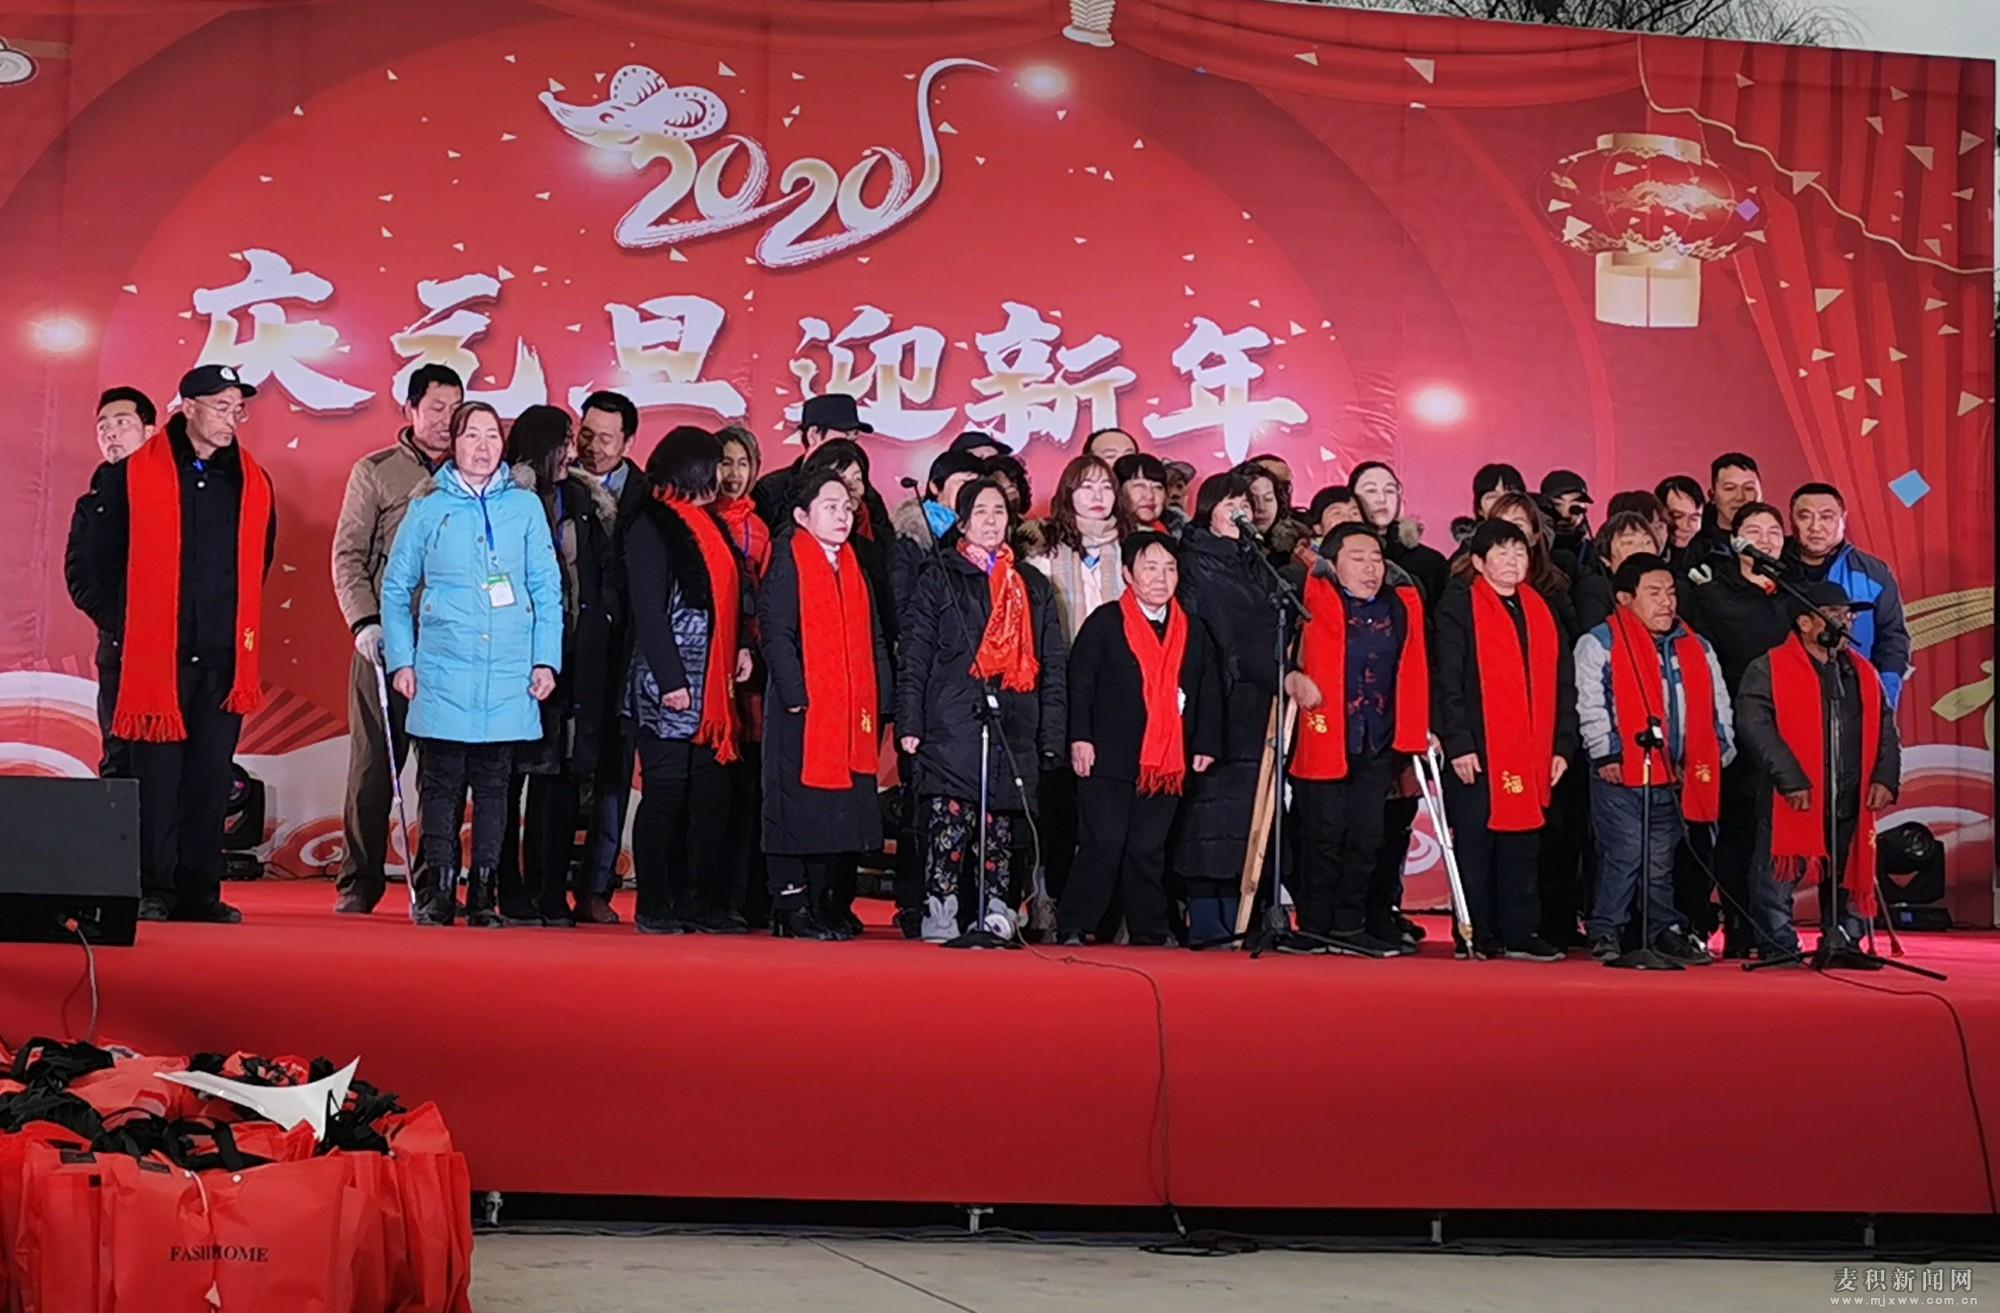 麦积区举办首届残疾人迎新年文艺晚会